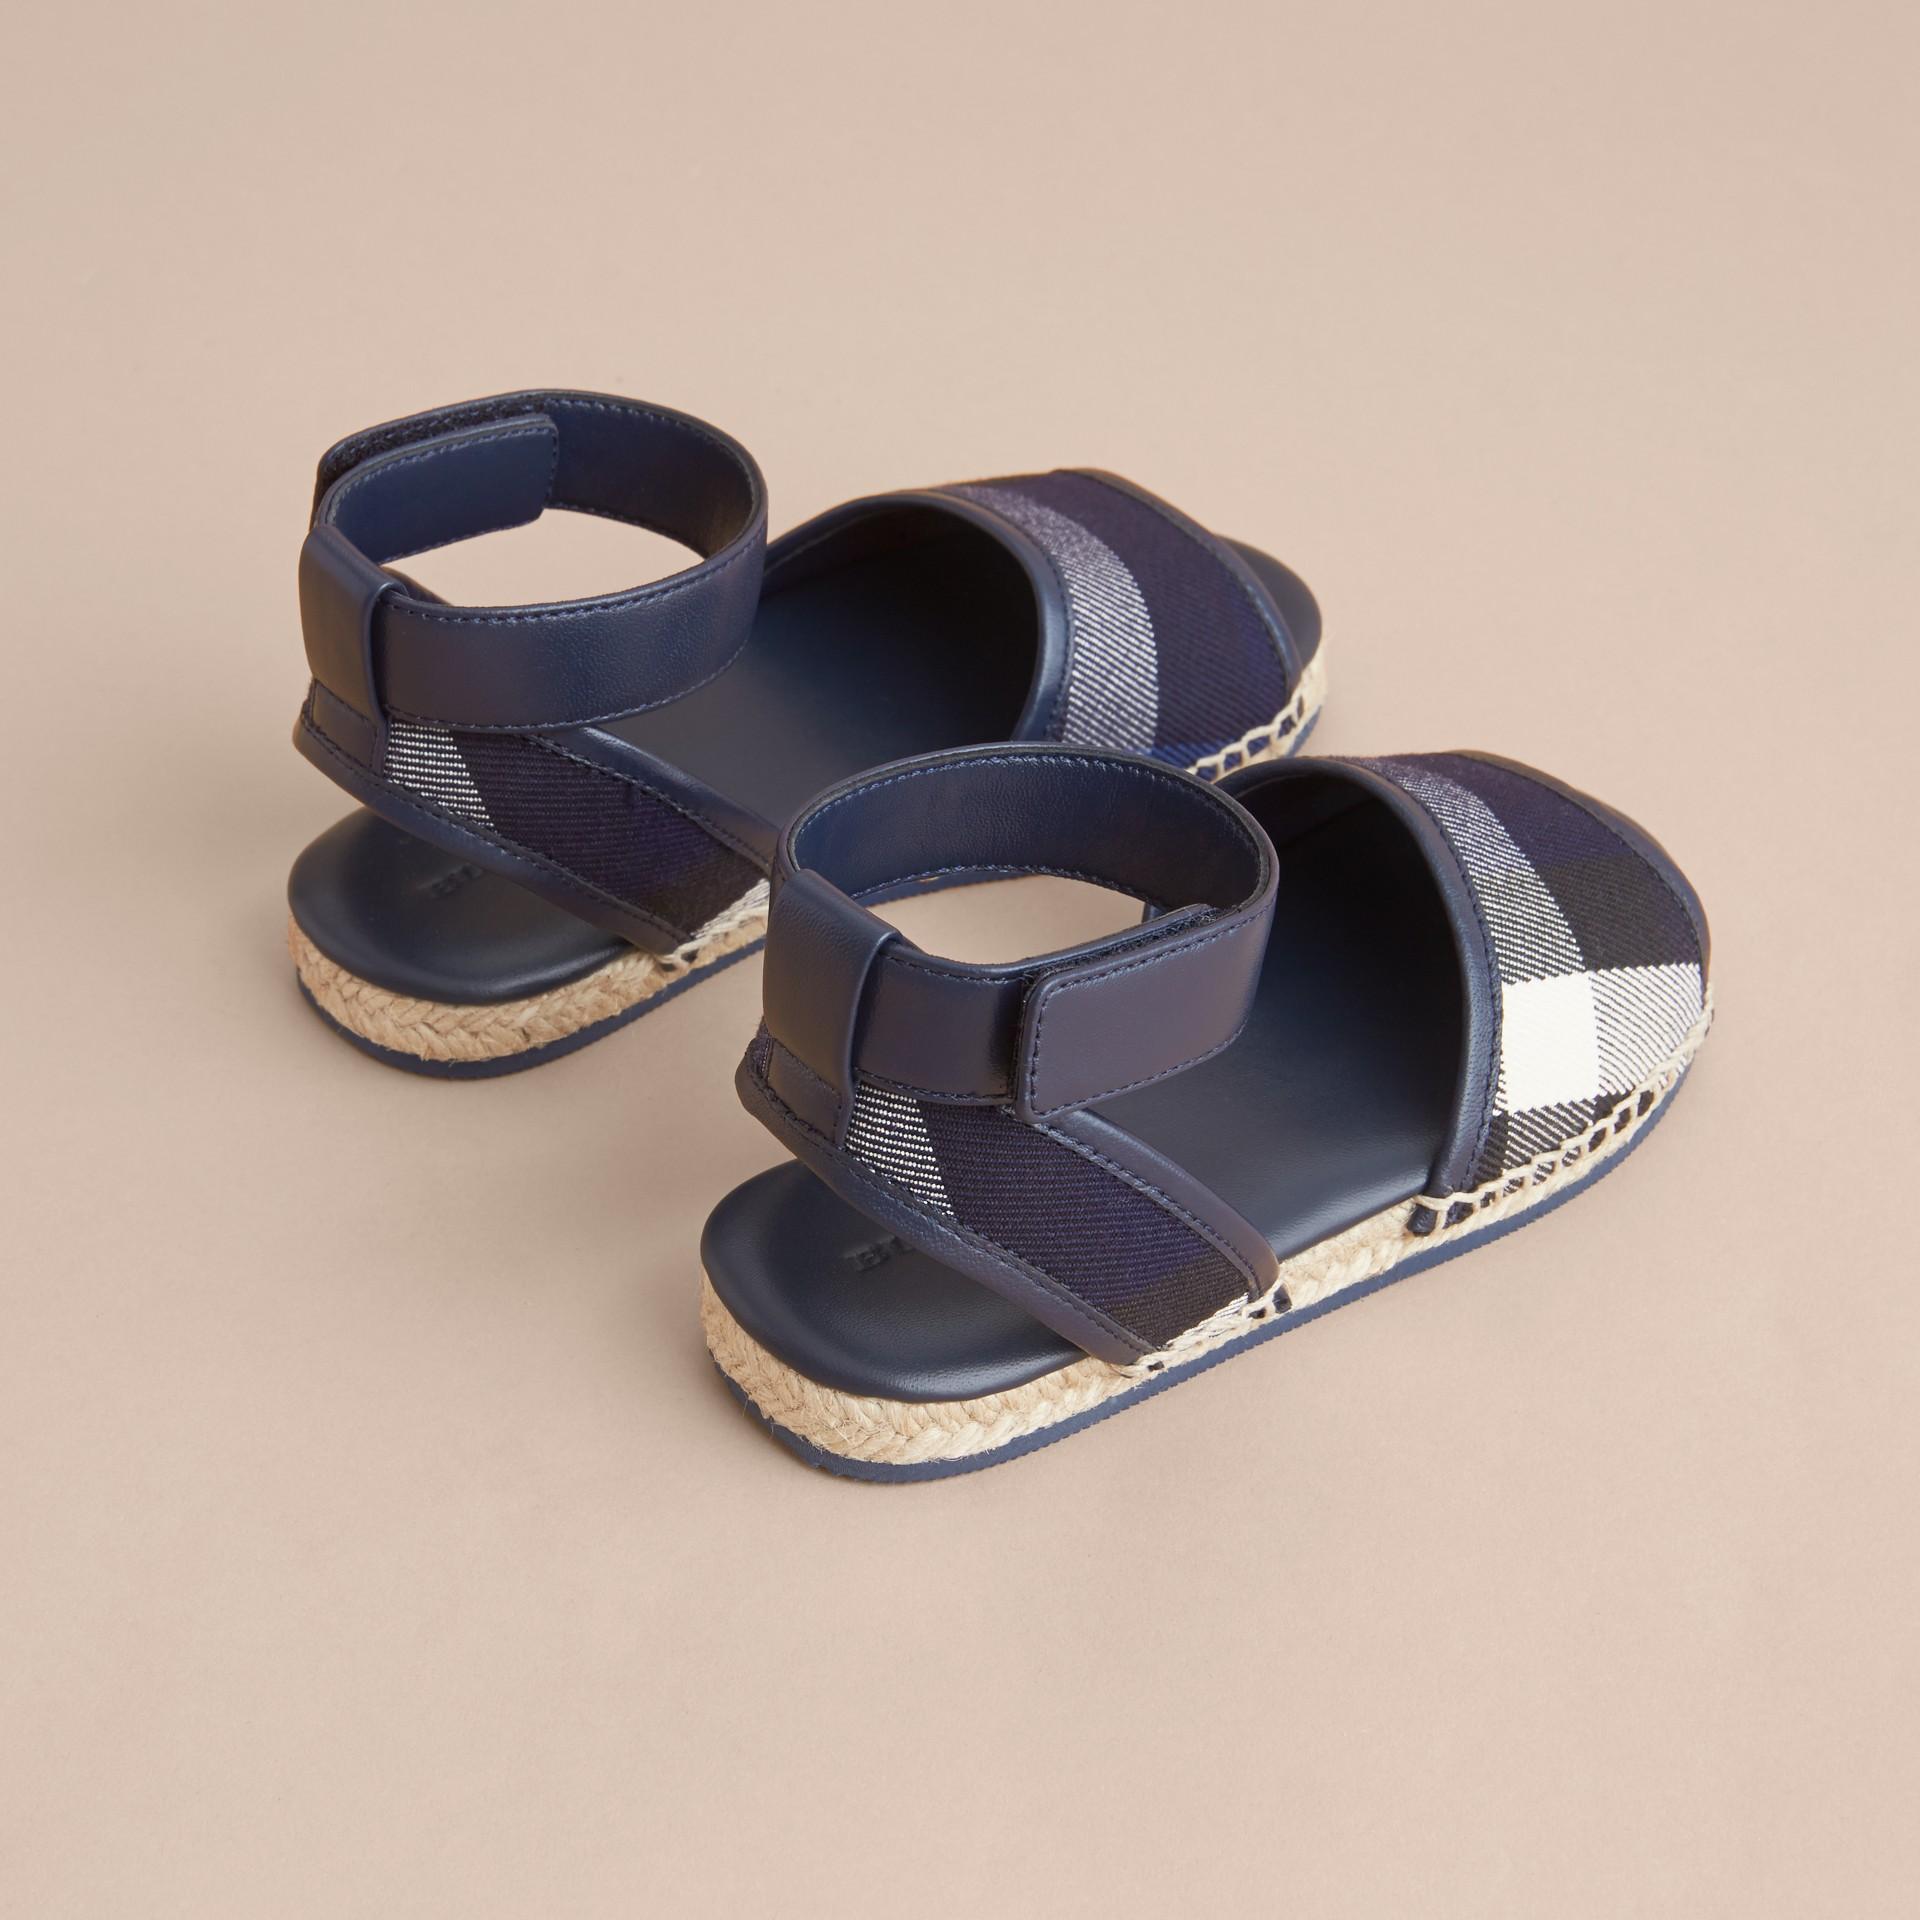 Sandálias estilo espadrilles em House Check com tira de couro (Safira Intenso) | Burberry - galeria de imagens 4